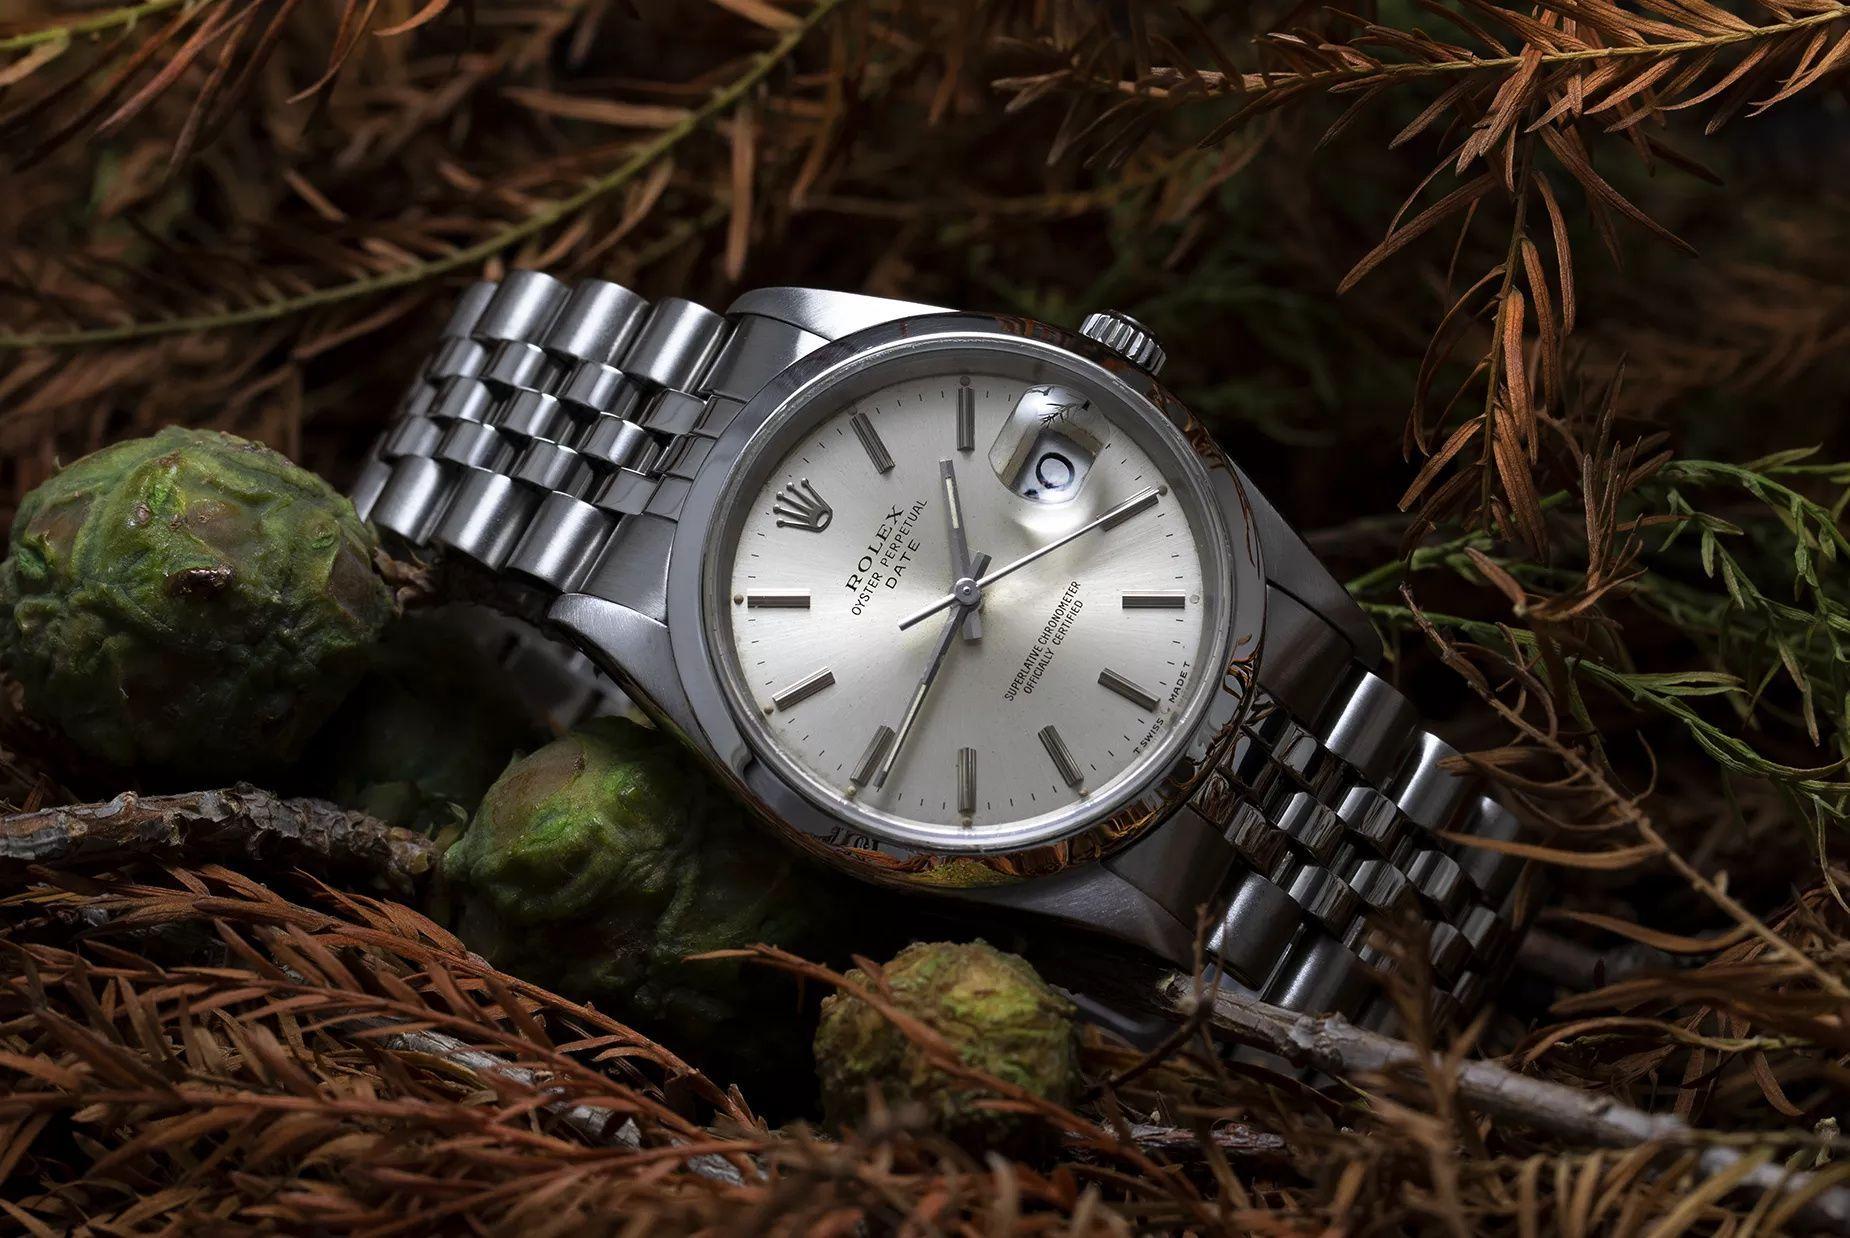 Rolex Date ref. 15200 - Spiegelgracht Juweliers #rolexwatches